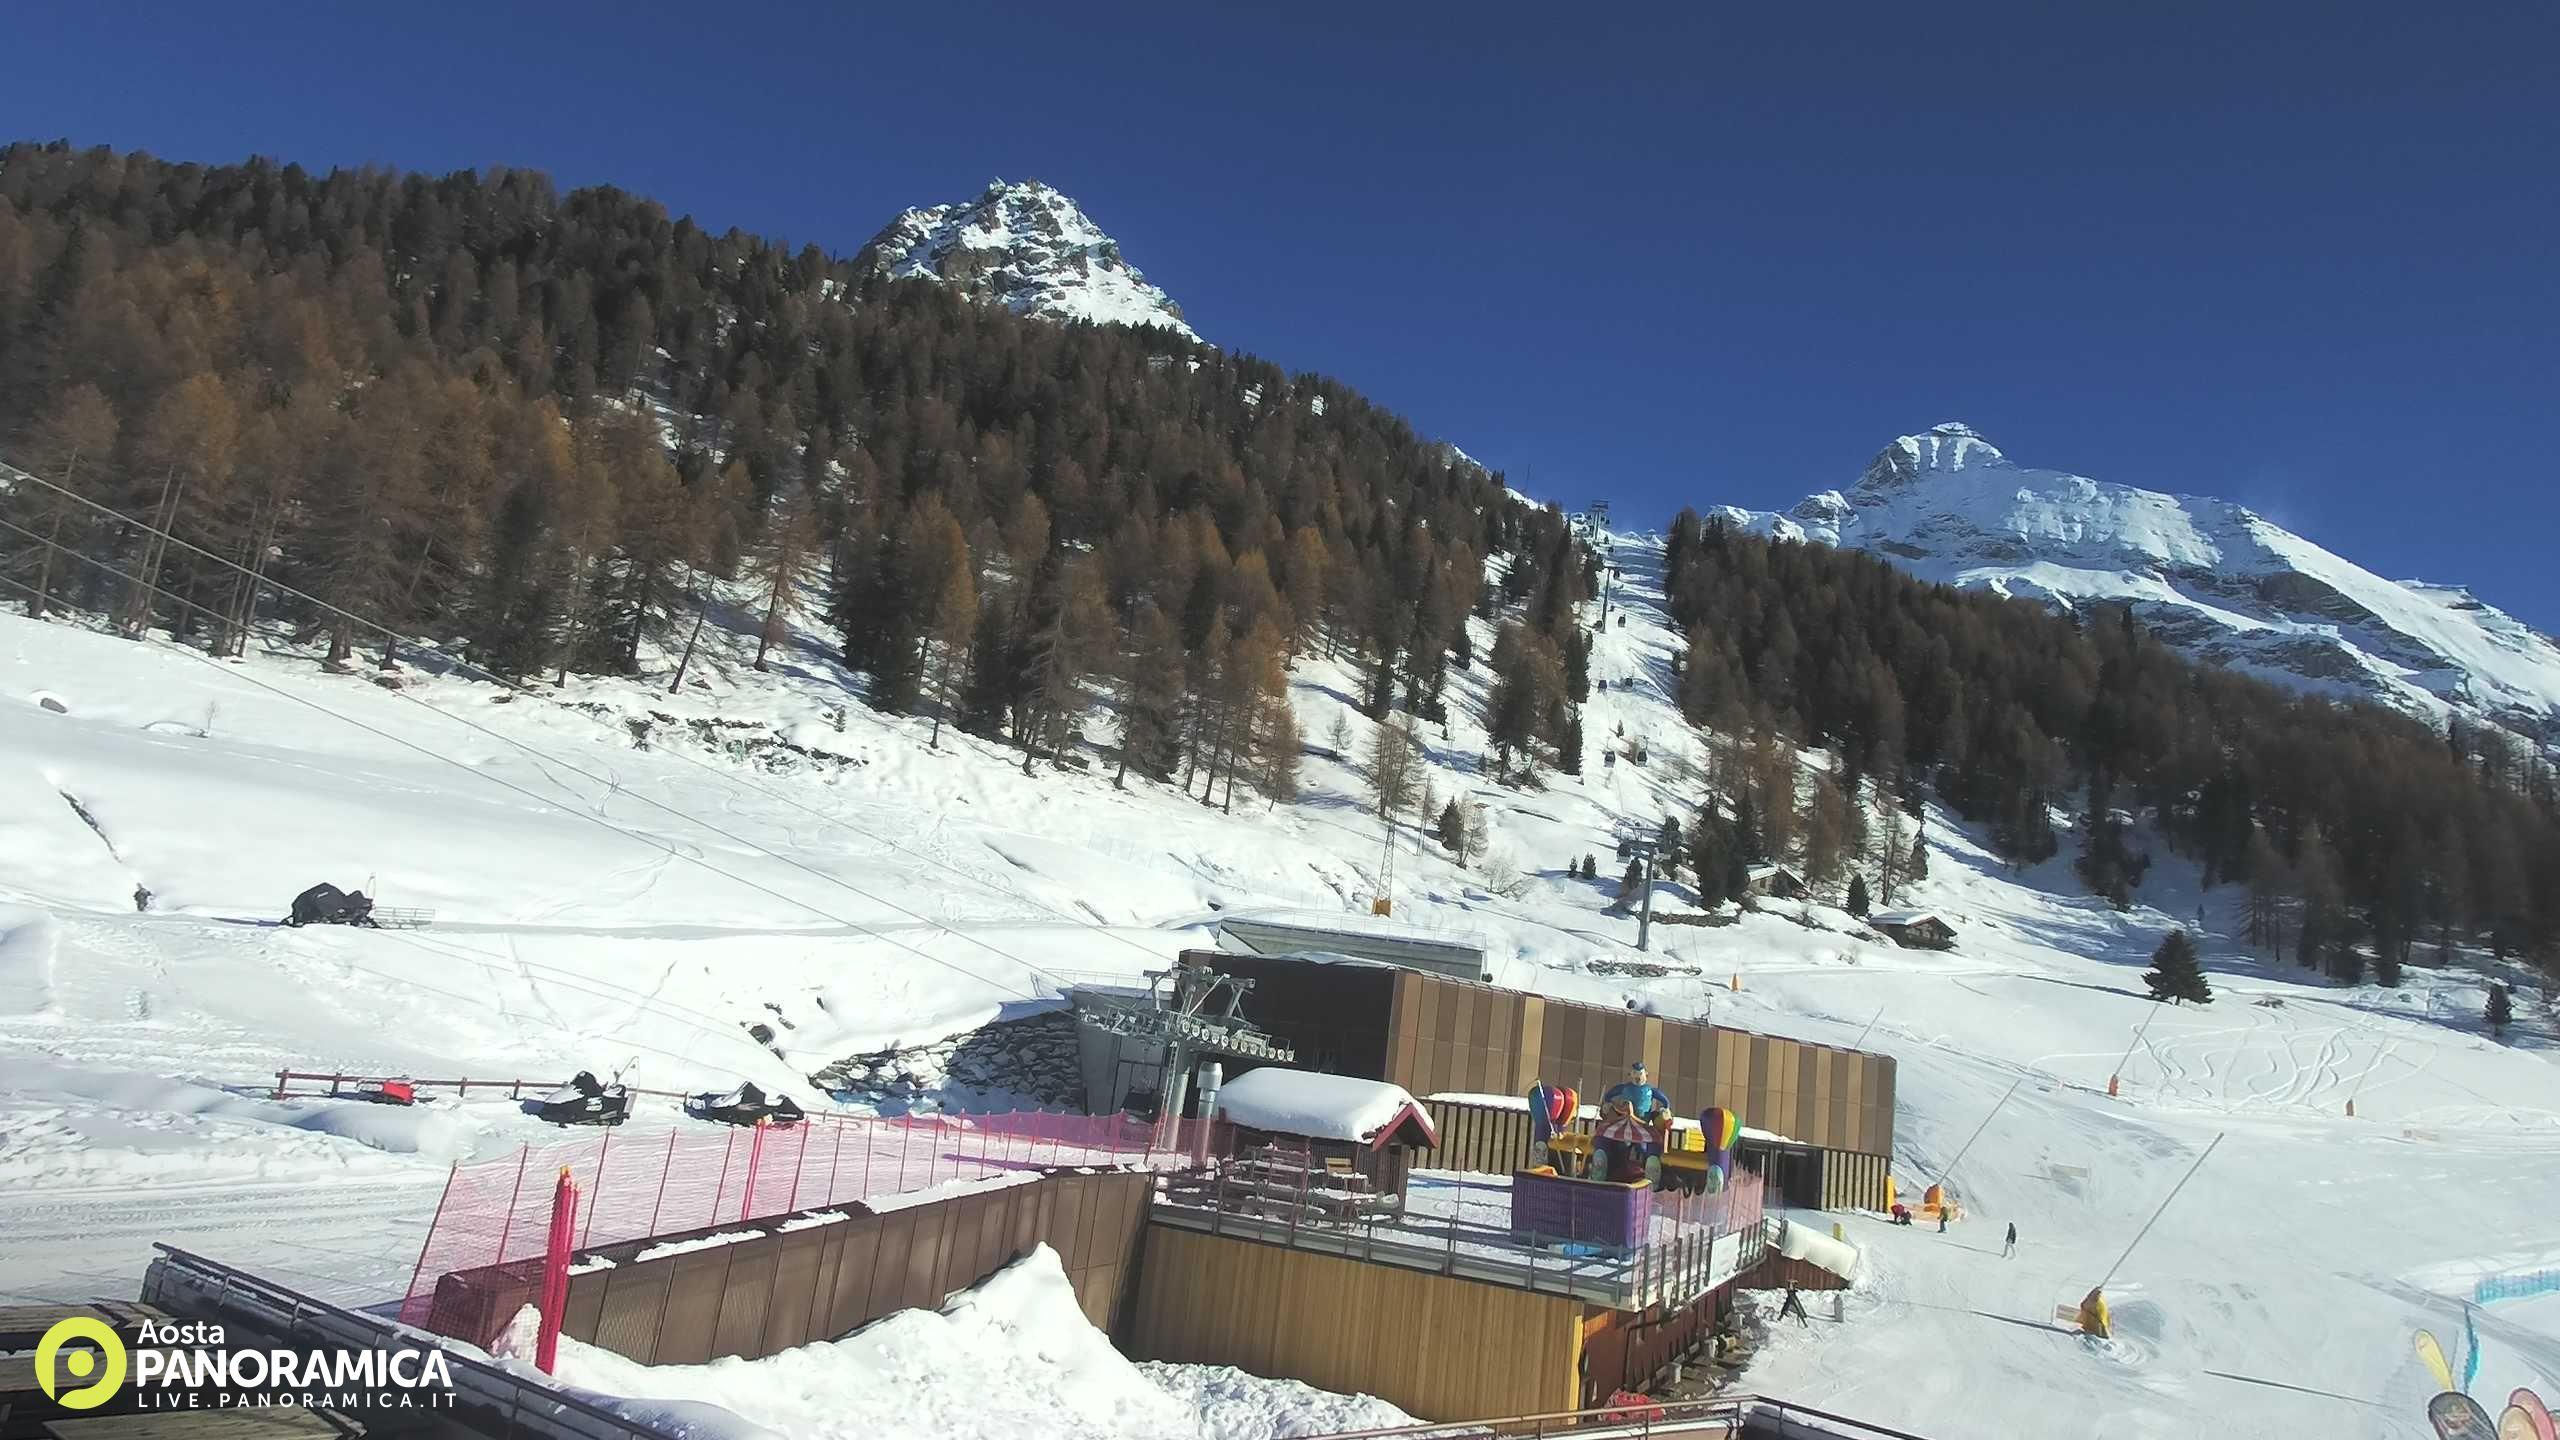 Webcam Crest - Champoluc - Monterosa Ski,